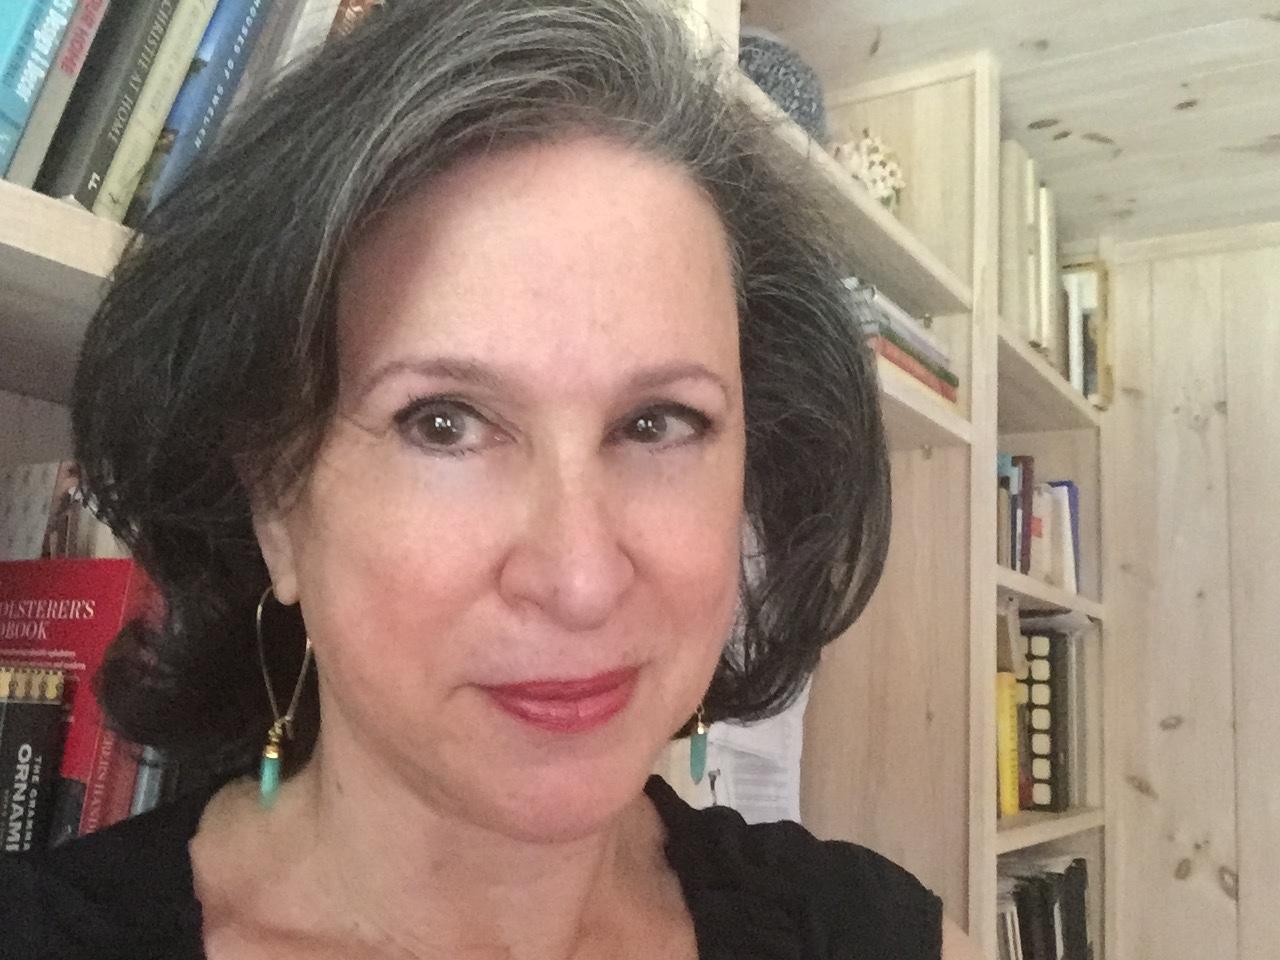 Blogger Jane Freiman of Atticmag home decor magazine